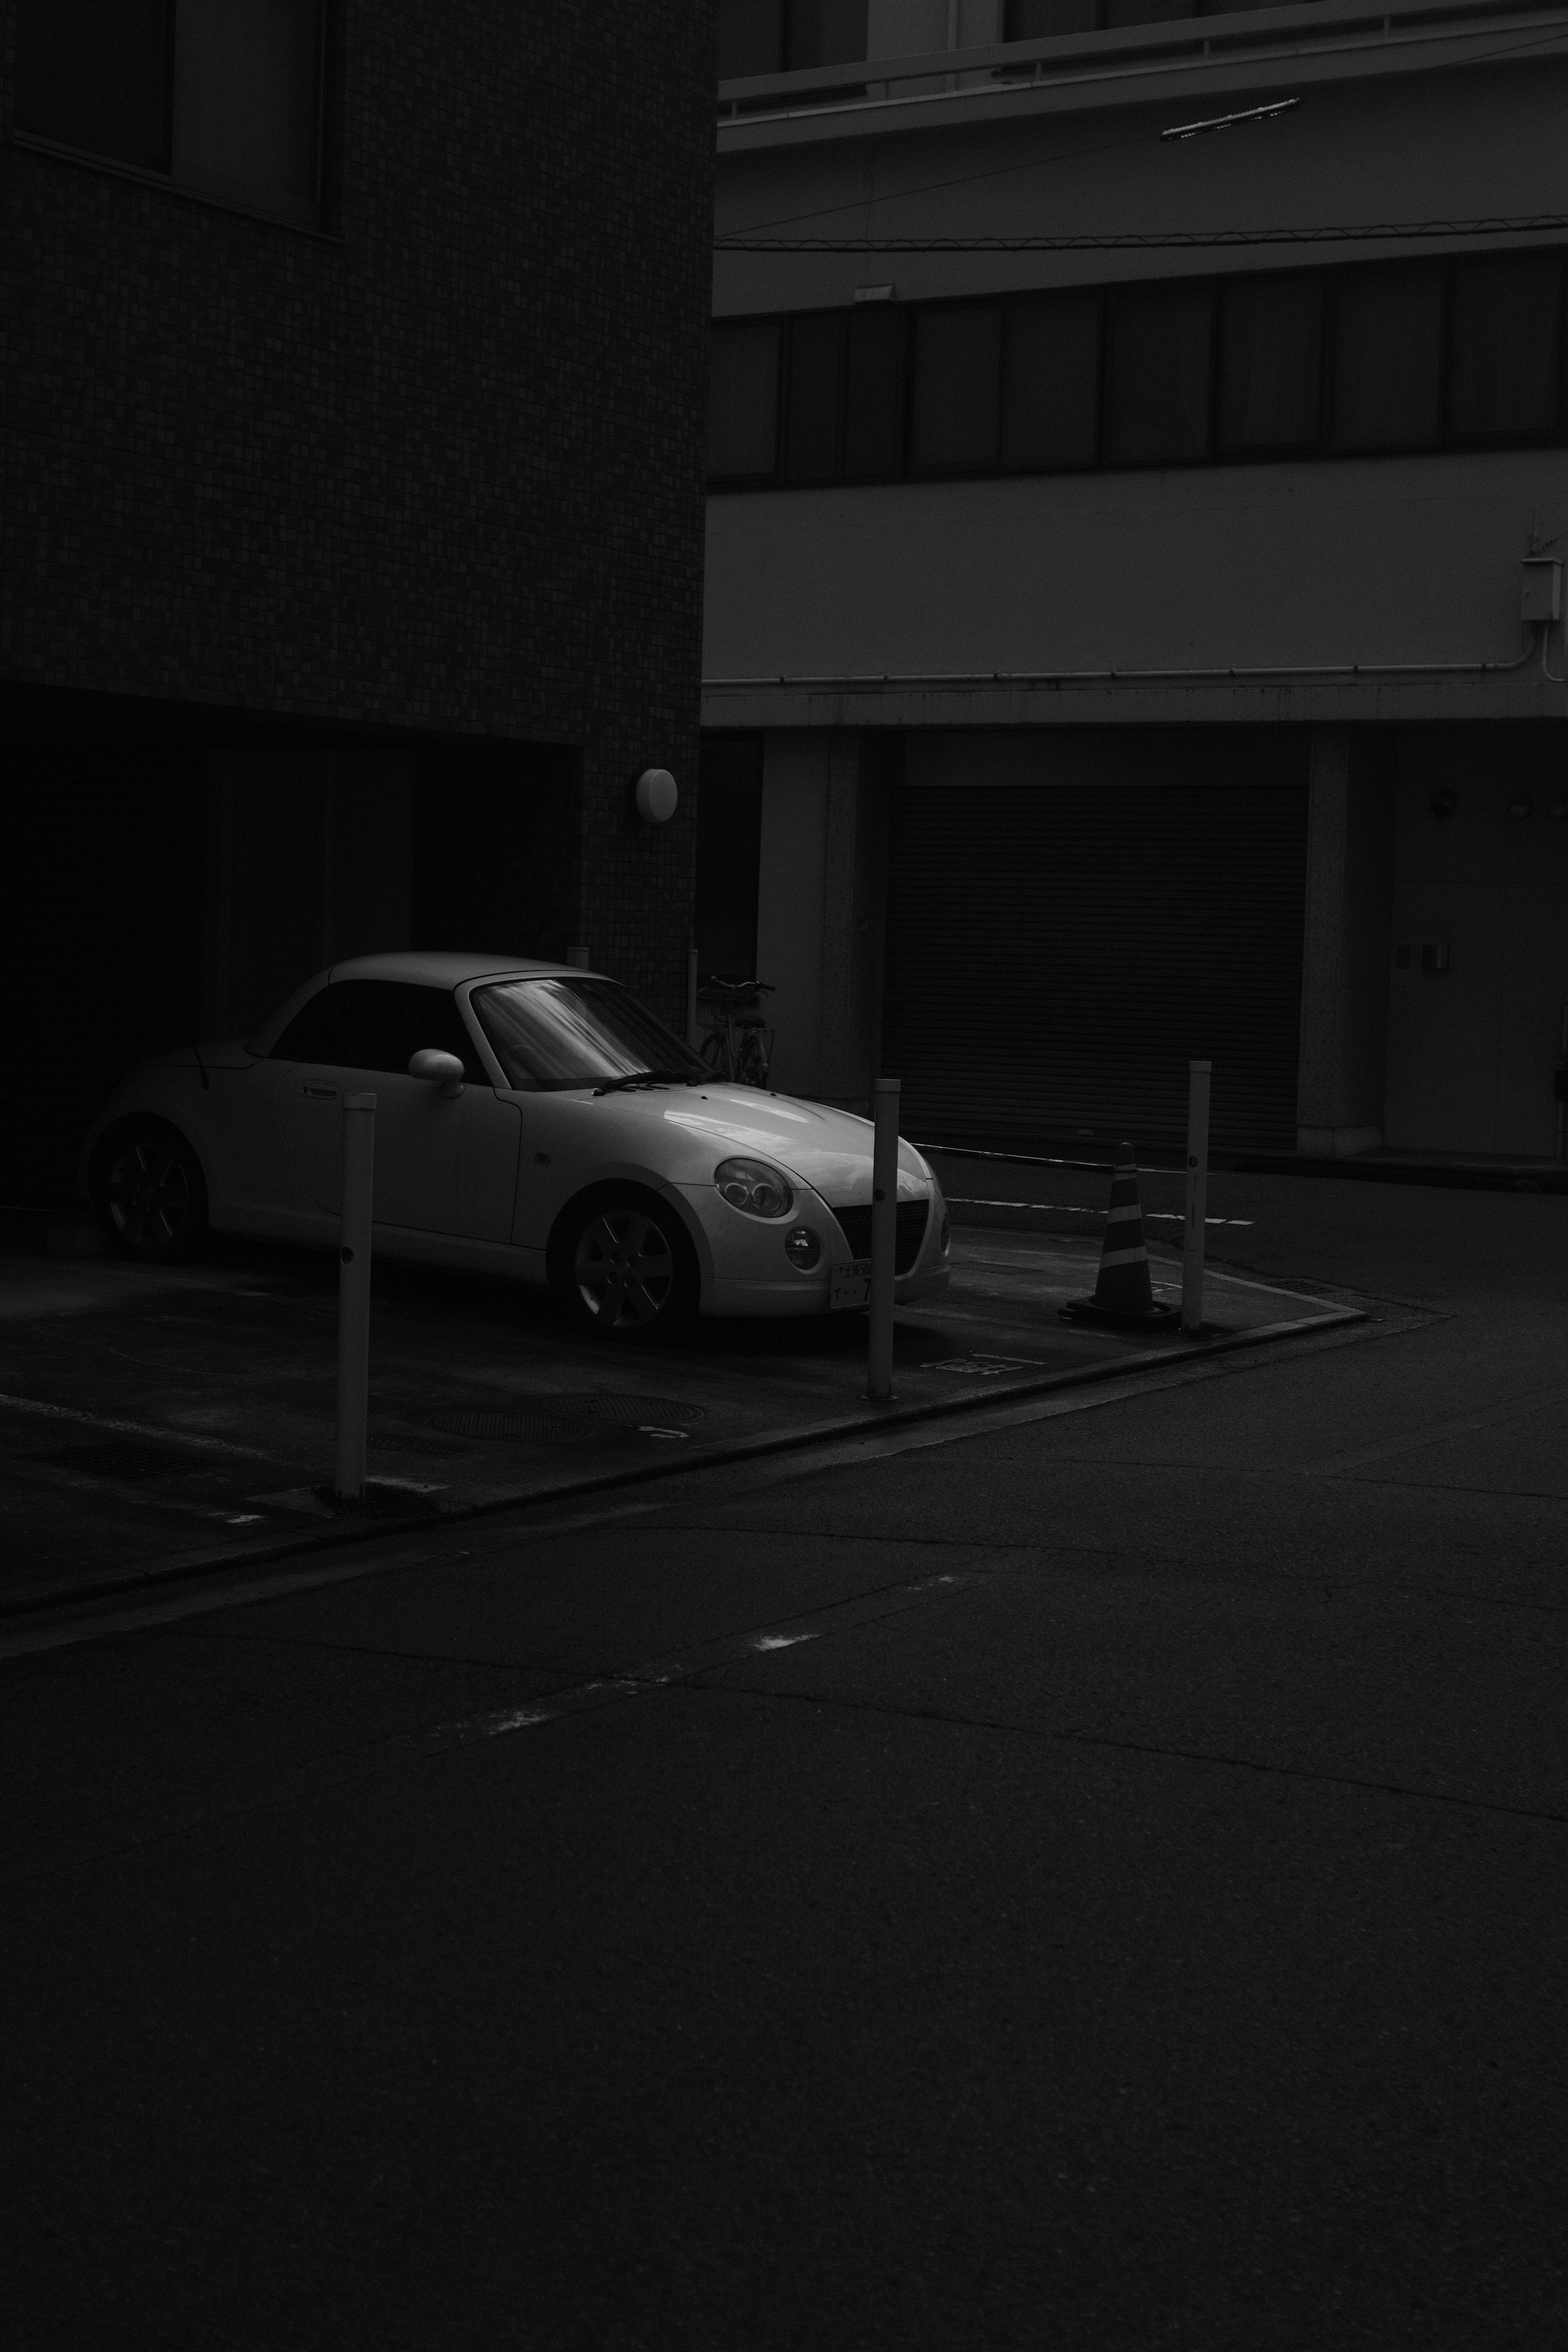 73291 baixar papel de parede Carros, Carro, Estacionamento, Preto E Branco, Preto-E-Branco, Bw, Chb - protetores de tela e imagens gratuitamente